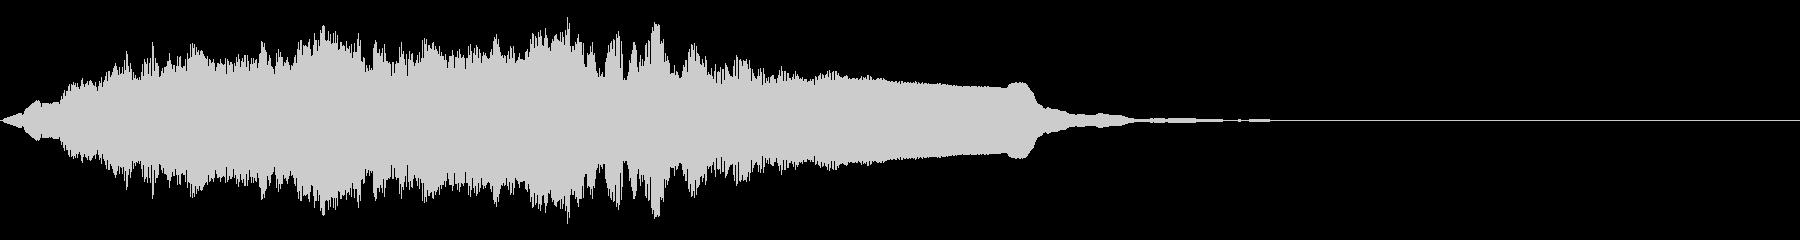 レベルアップ音/ゲーム/アプリの未再生の波形